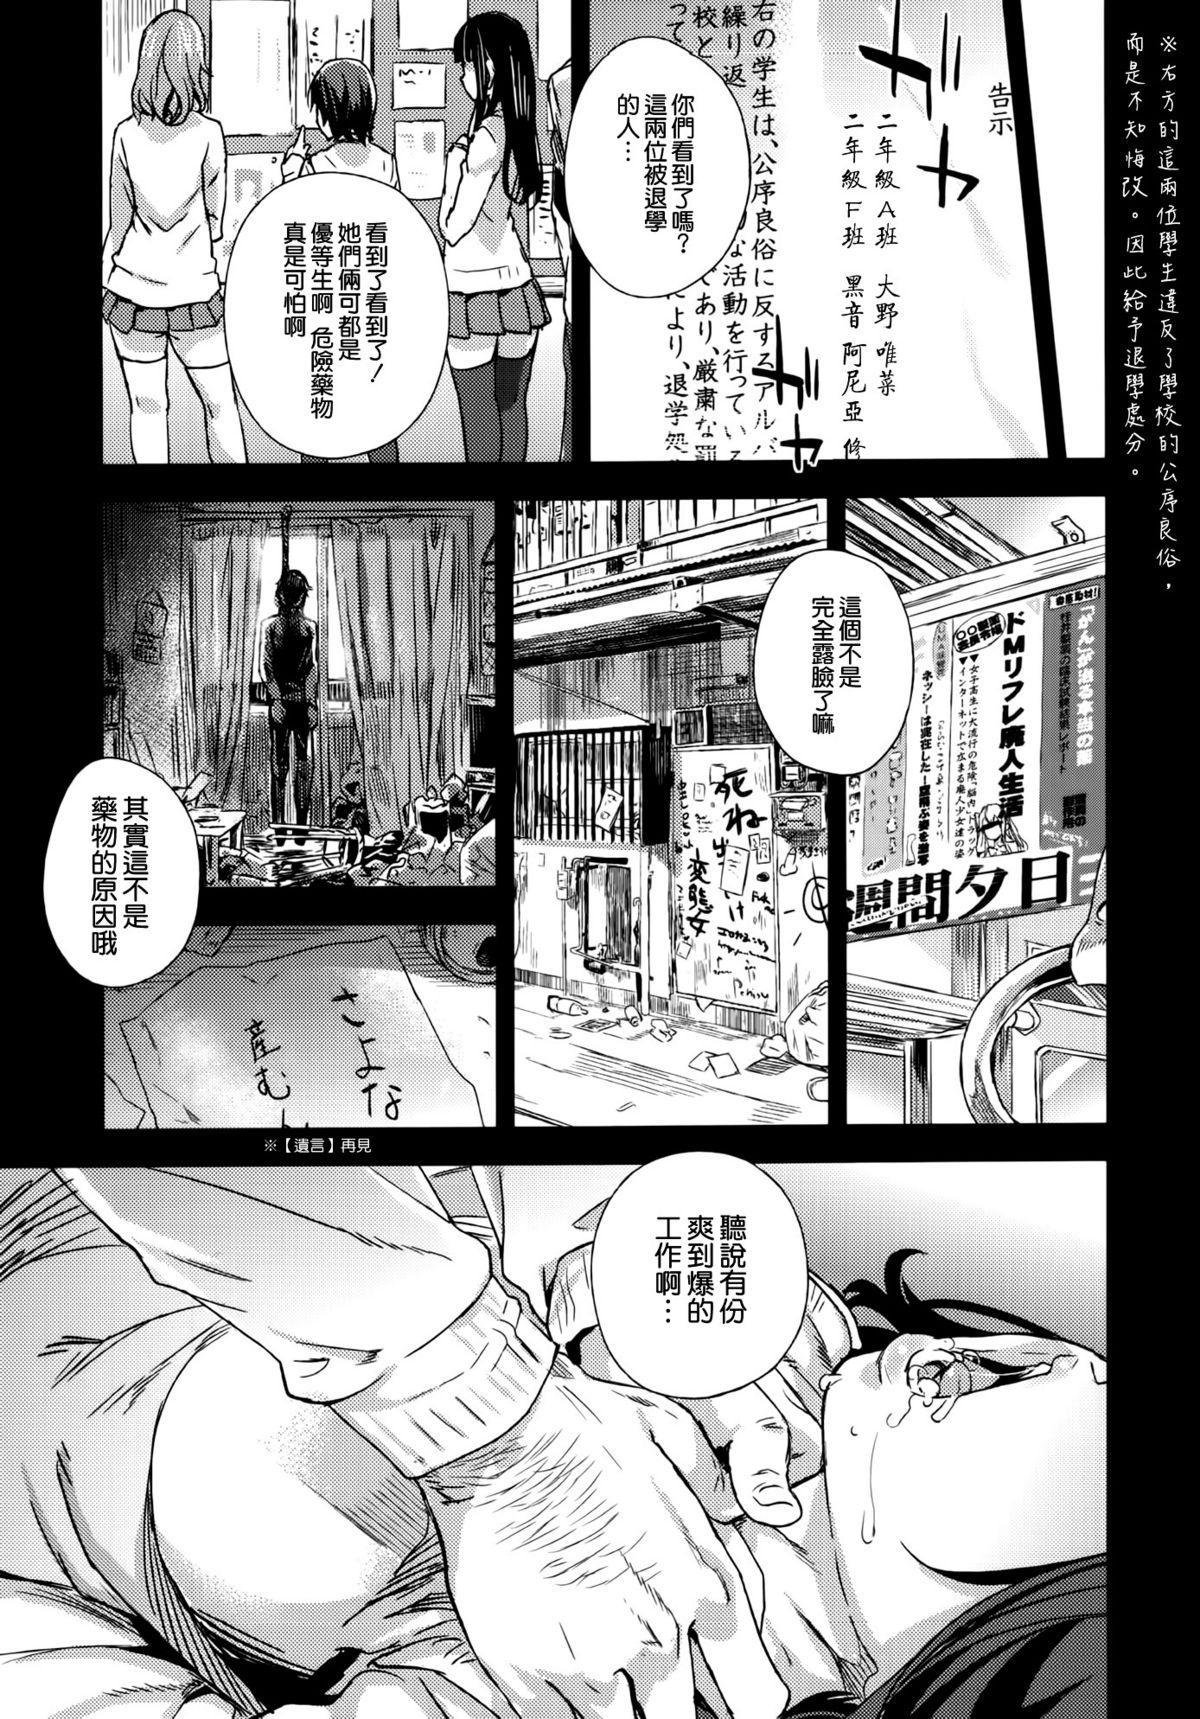 """(C87) [Fatalpulse (Asanagi)] VictimGirlsR """"JK de Refre -Flesh & Refresh-"""" [Chinese] [空気系☆漢化] 38"""